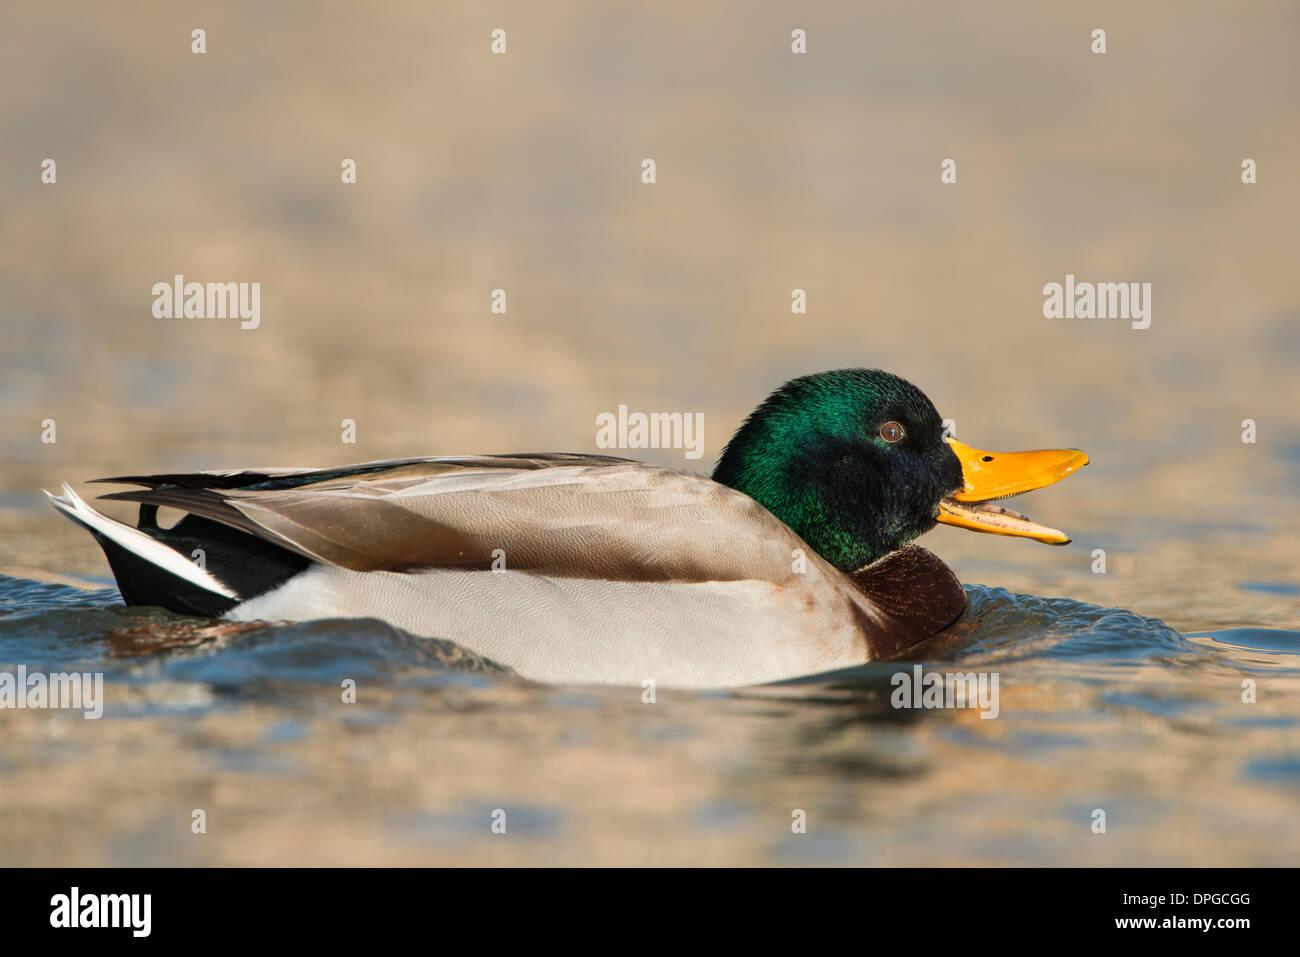 Quacking Mallard Drake (Anas platyrhynchos), North Texas - Stock Image